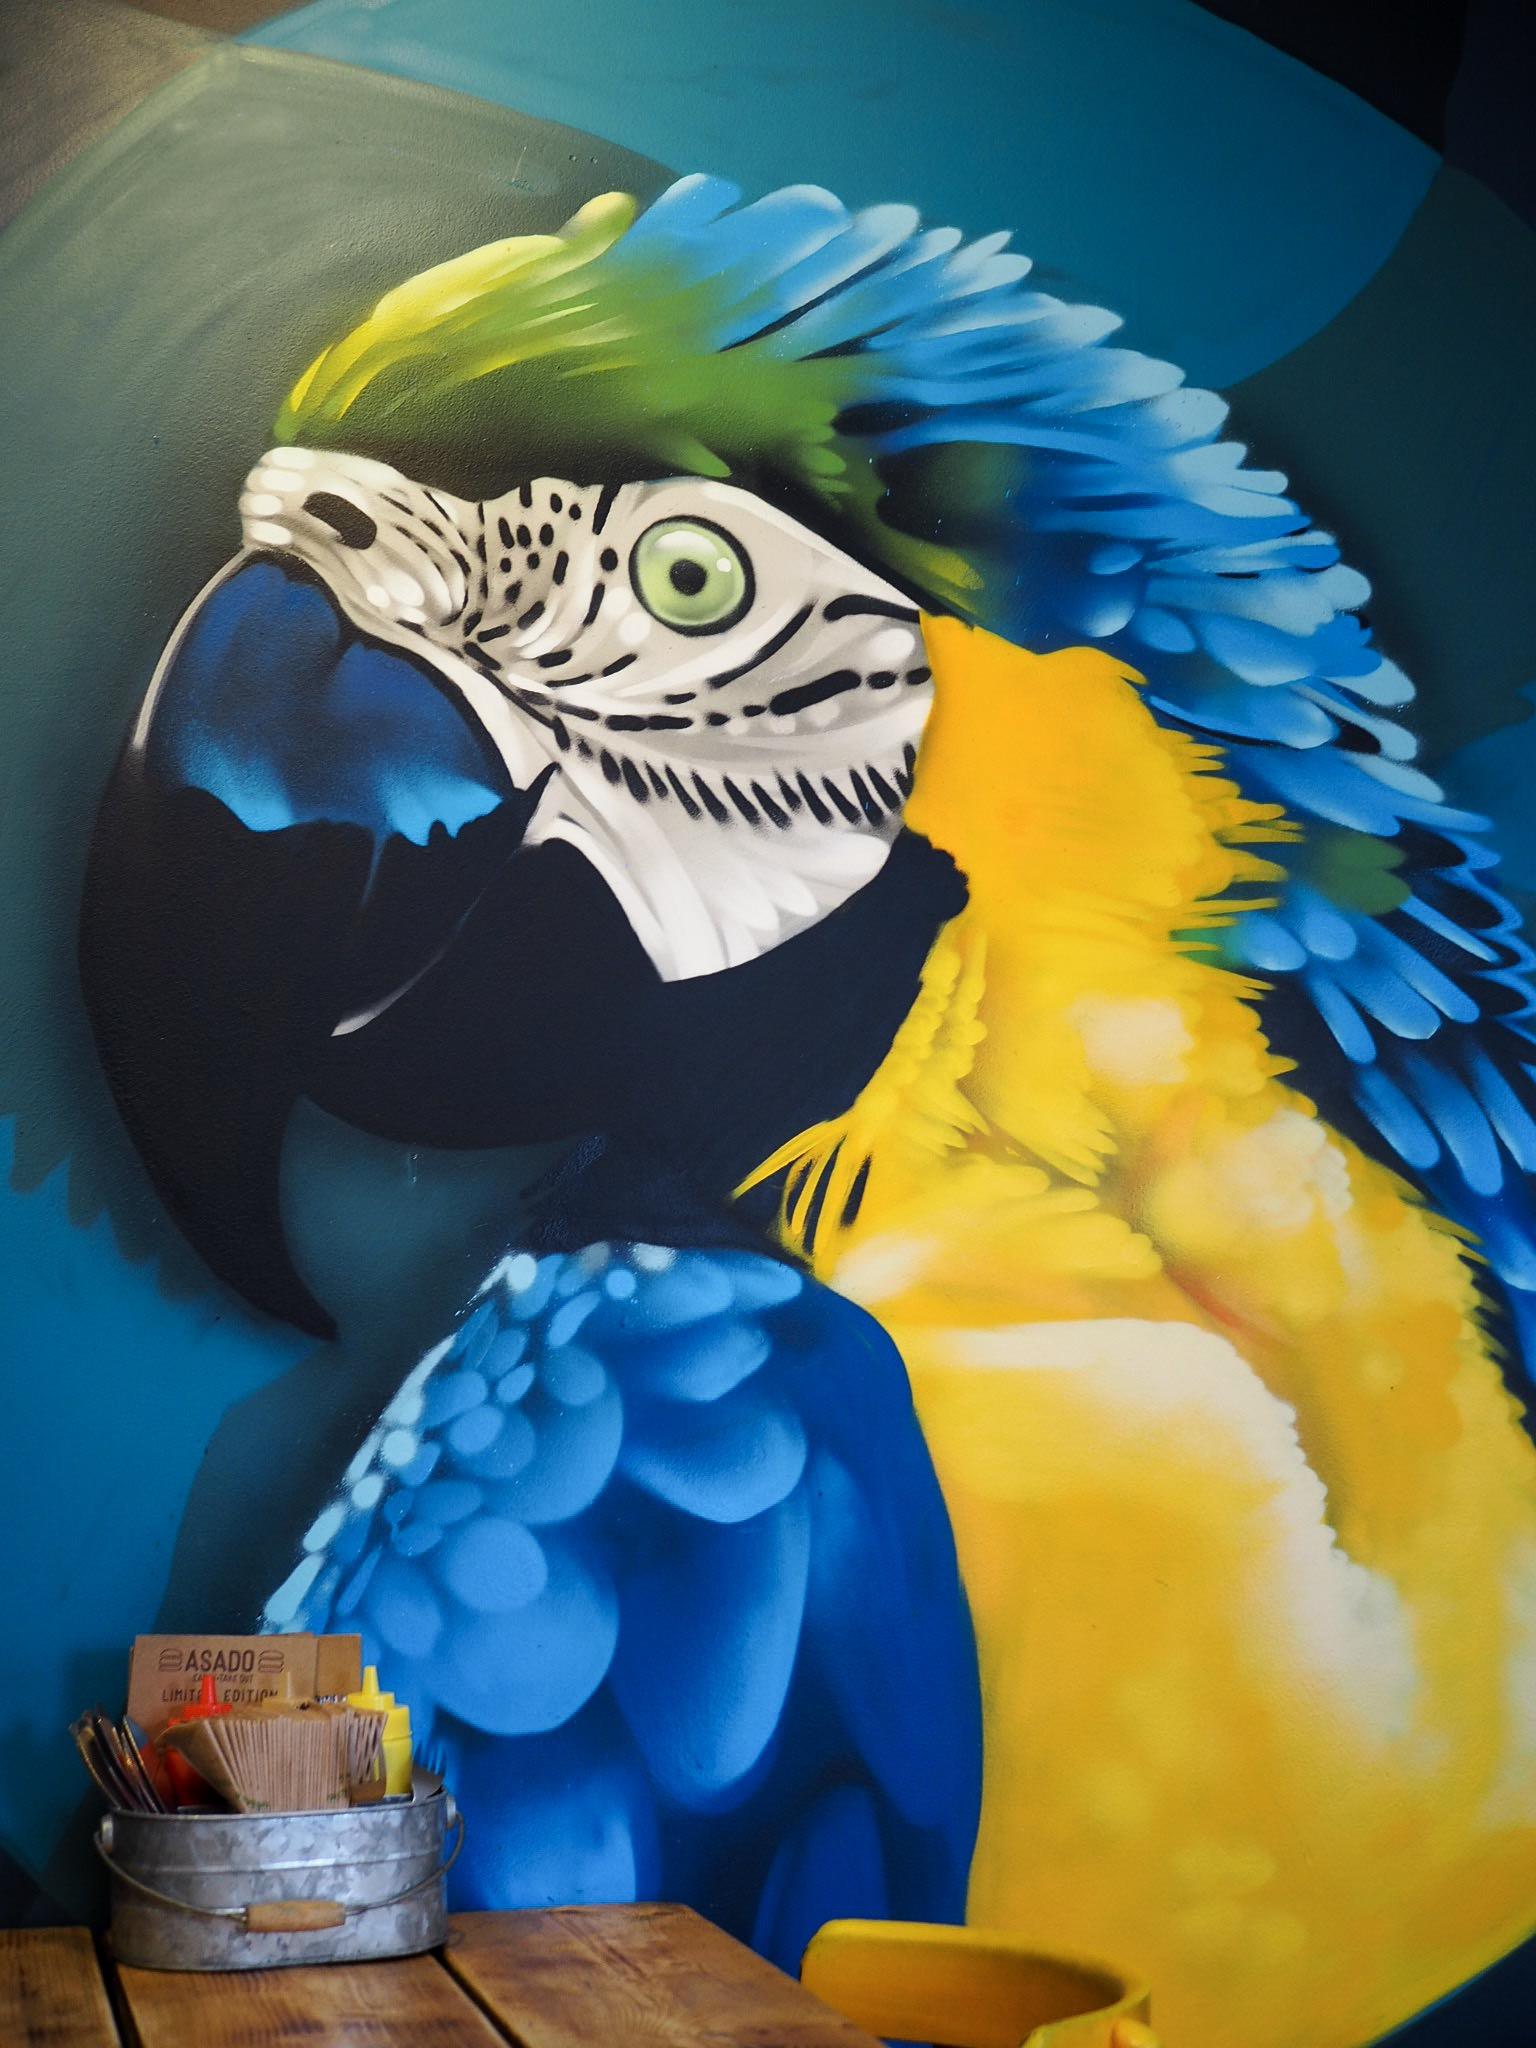 Asado Bristol graffiti